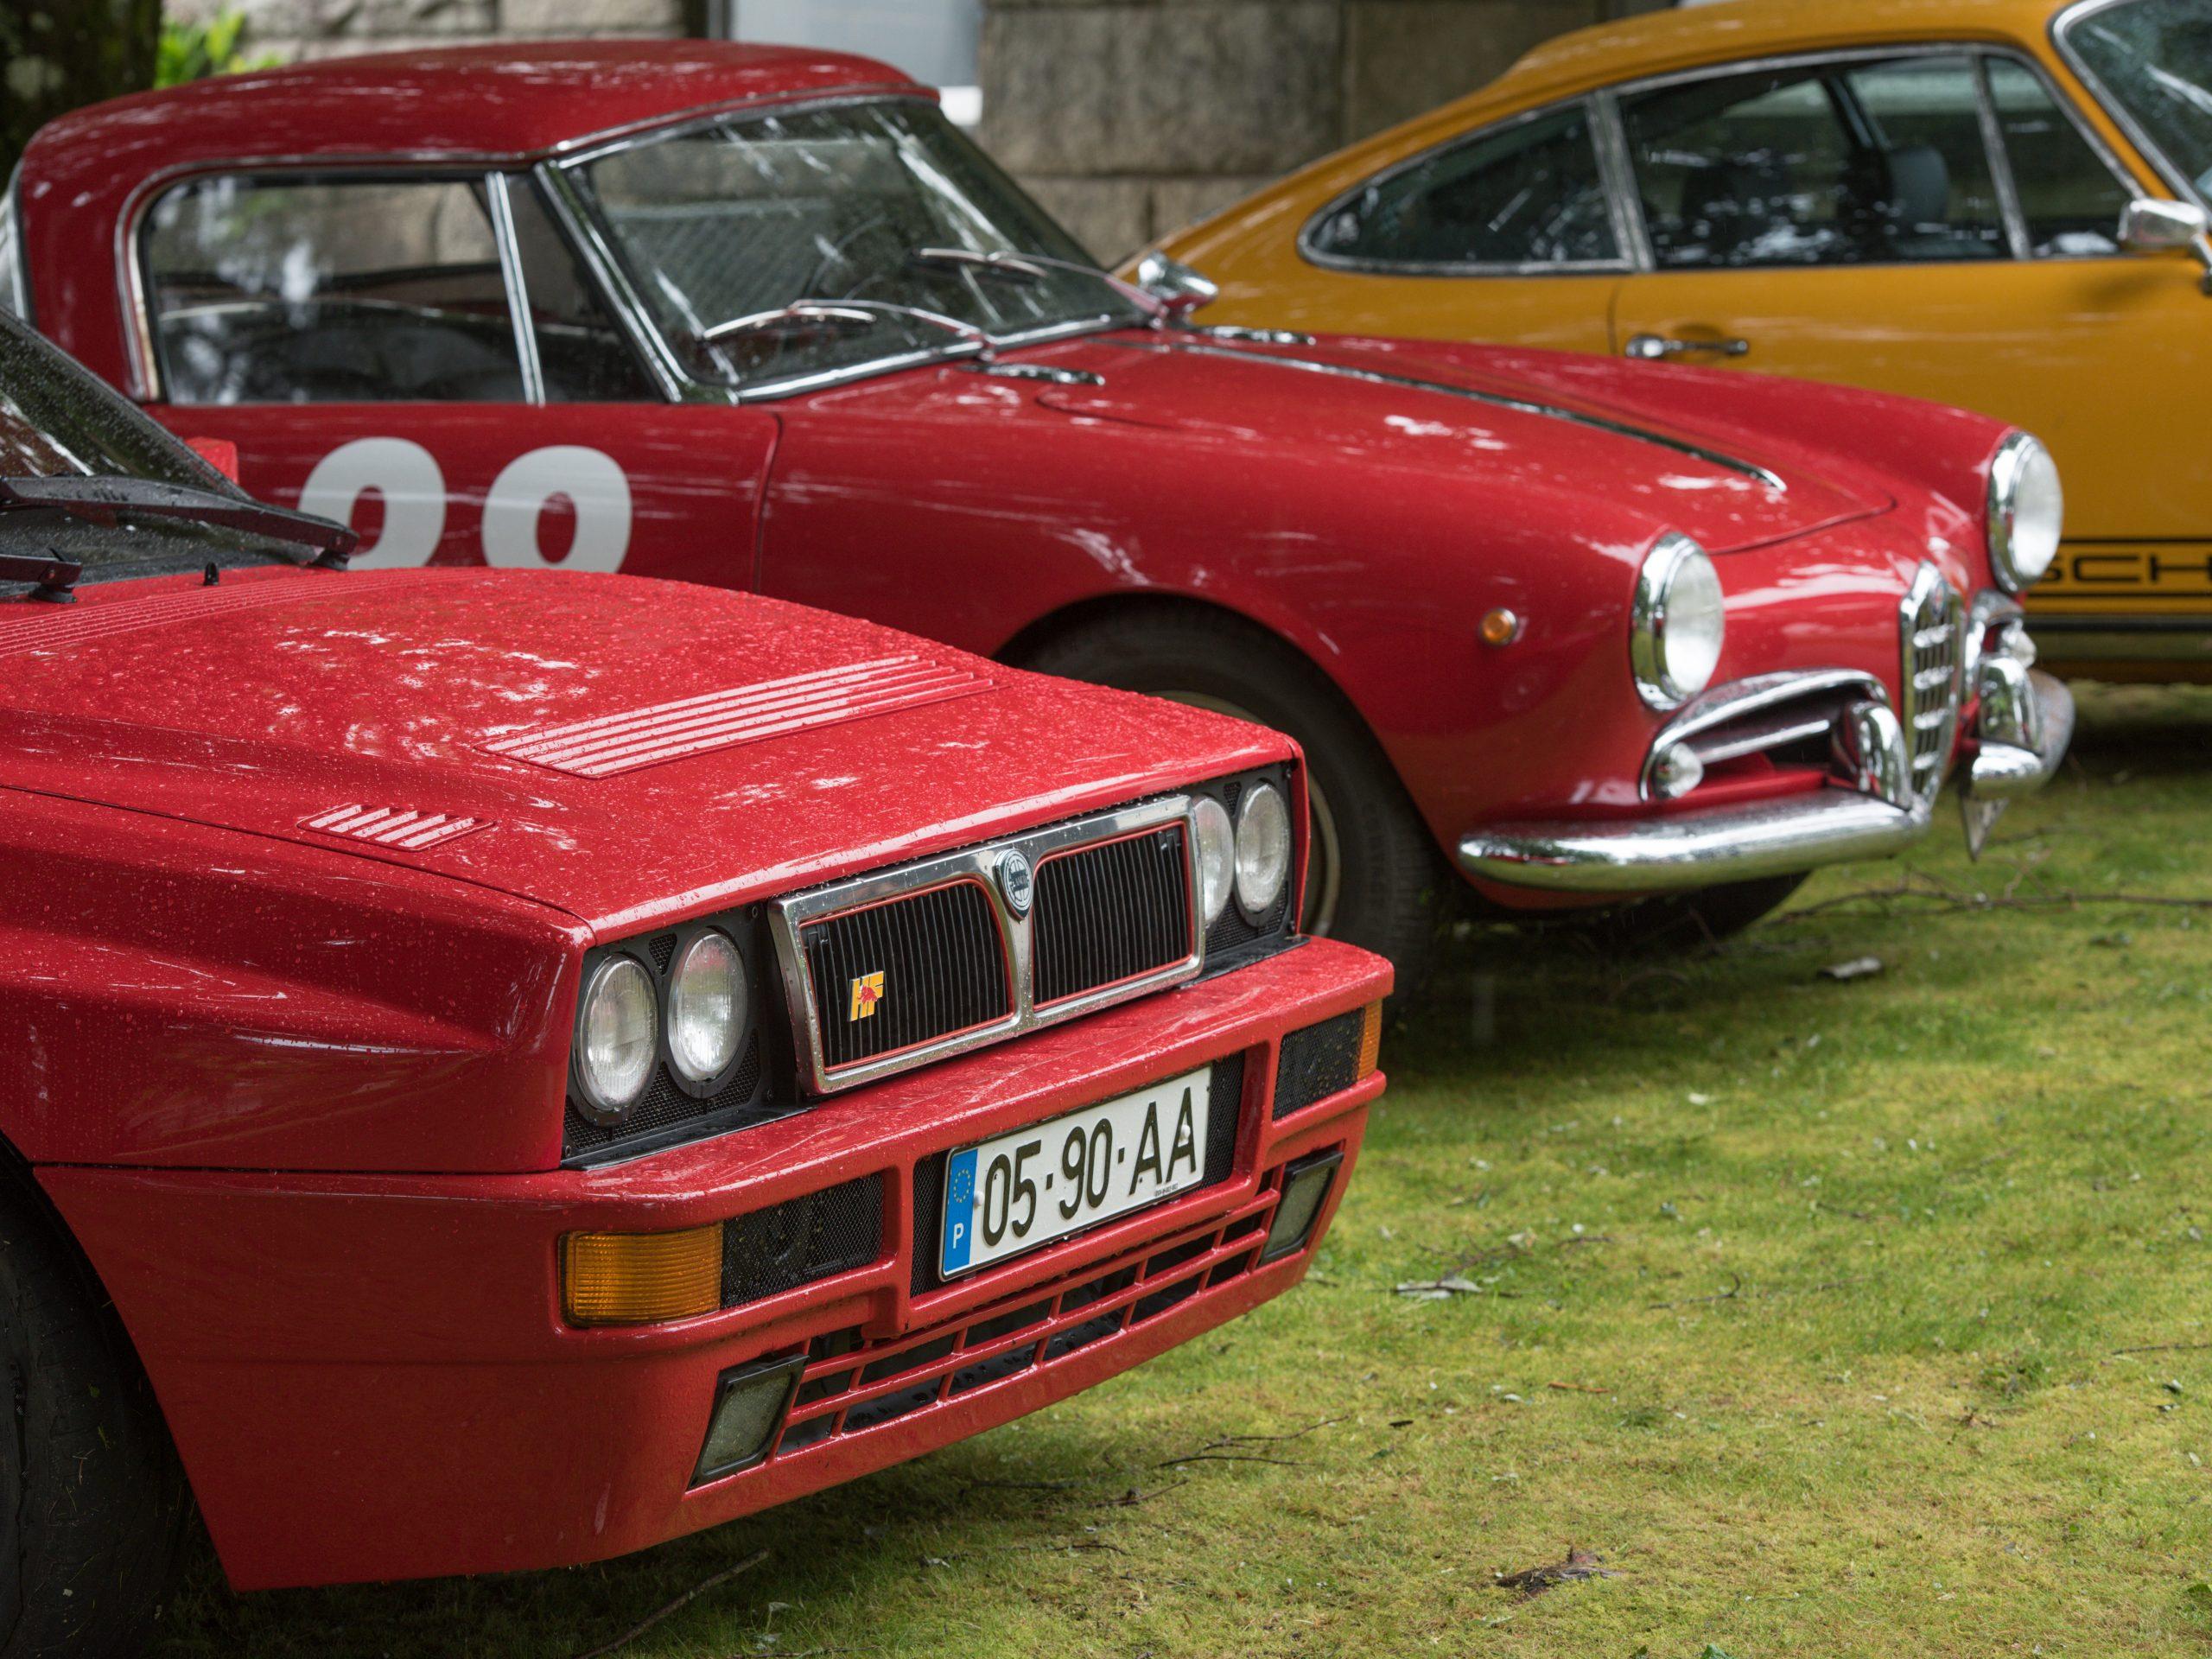 """Andar num automóvel do Museu do Caramulo? """"O Museu na Rua"""" regressa a 23 de Outubro 15"""